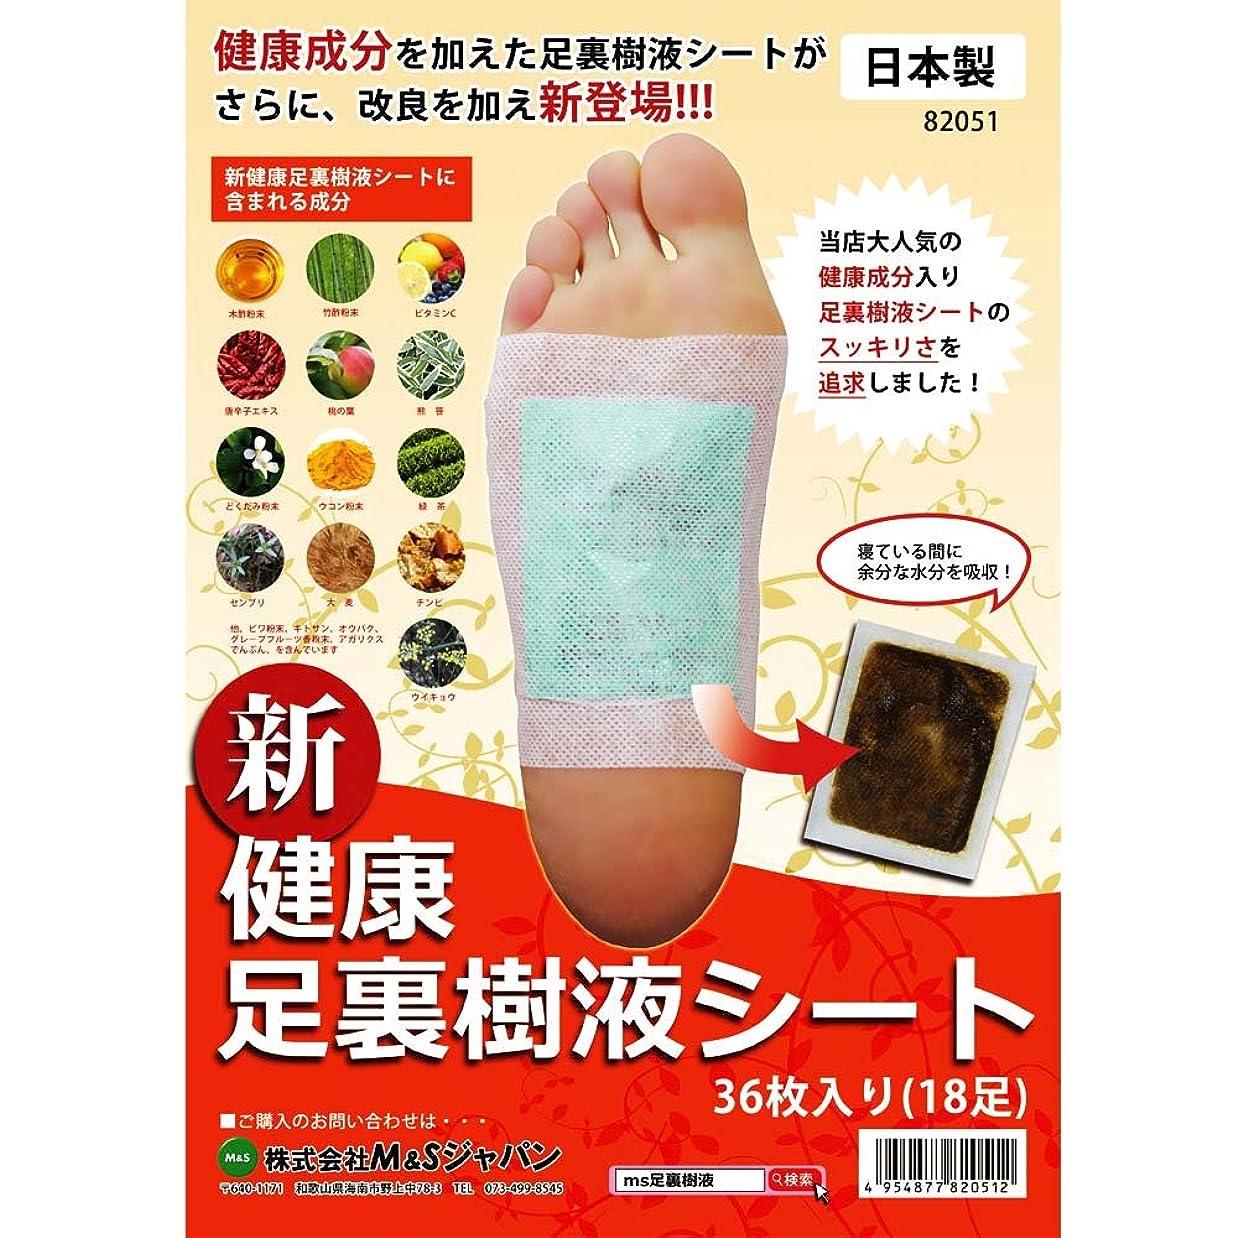 リットル懺悔玉ねぎ日本製 新健康足裏樹液シート M&Sジャパン 樹液 シート フット ケア 足ツボ